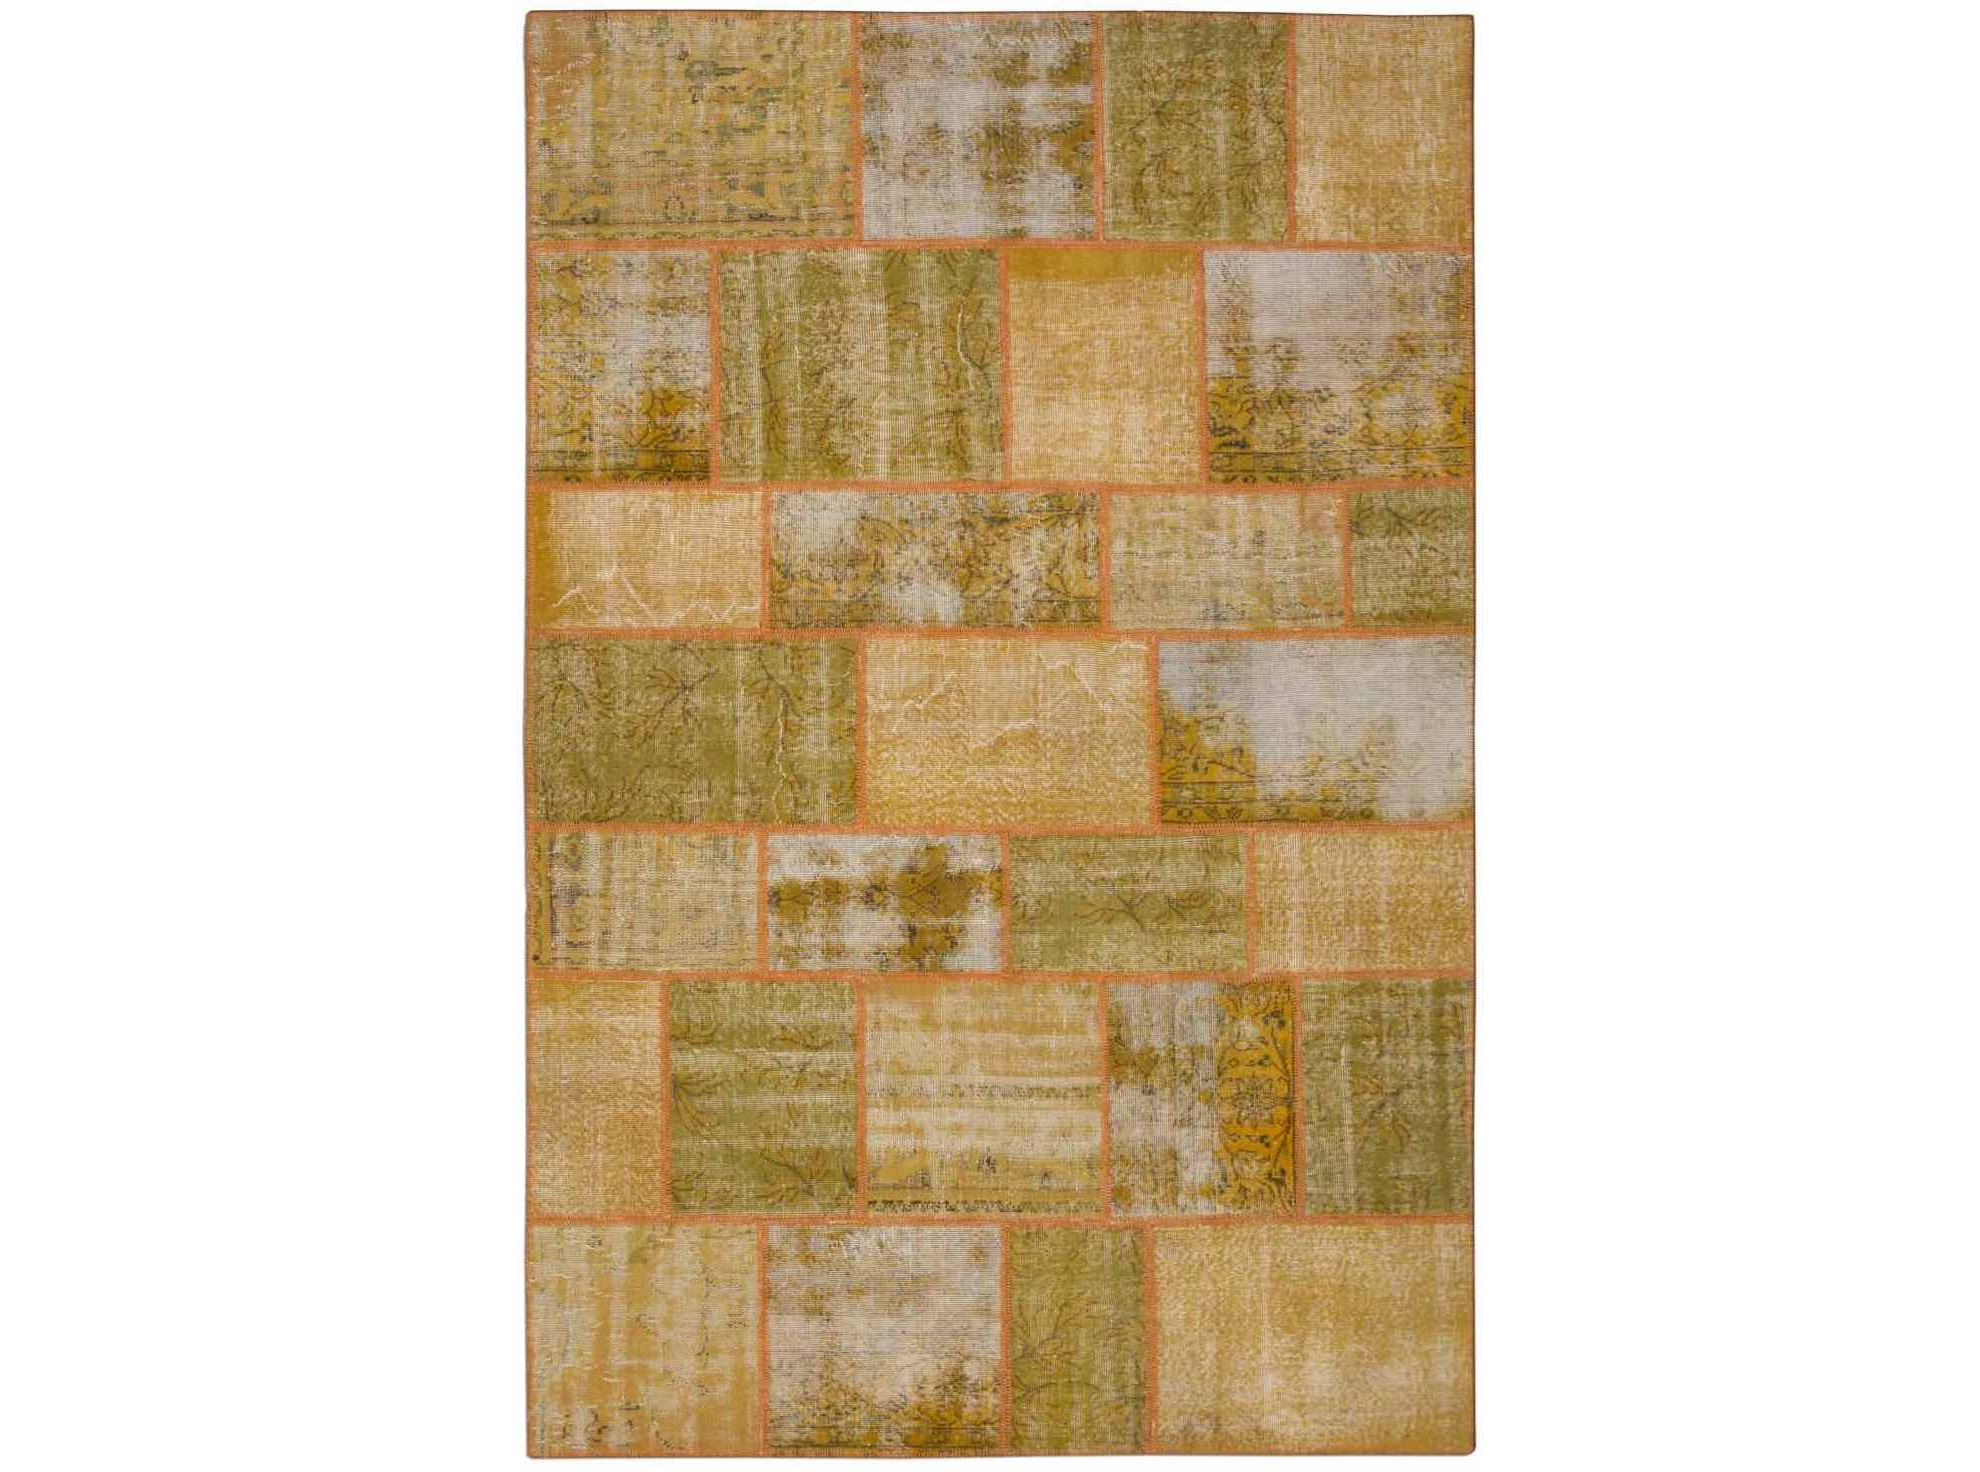 Ковер PatchworkКовры<br>Винтажный ковер ручной работы в стиле &amp;quot;пэчворк&amp;quot; <br>из 100% шерсти. Ковер прекрасно подходит в <br>любые современные и классические интерьеры, <br>а благодаря толщине ковра всего 5 мм и отсутствию <br>ворса, его легко чистить любыми видами пылесосов. <br>Этот настоящий ковер ручной работы не потеряет <br>своих красок и будет служить десятилетия.<br><br>Material: Шерсть<br>Ширина см: 198<br>Глубина см: 302